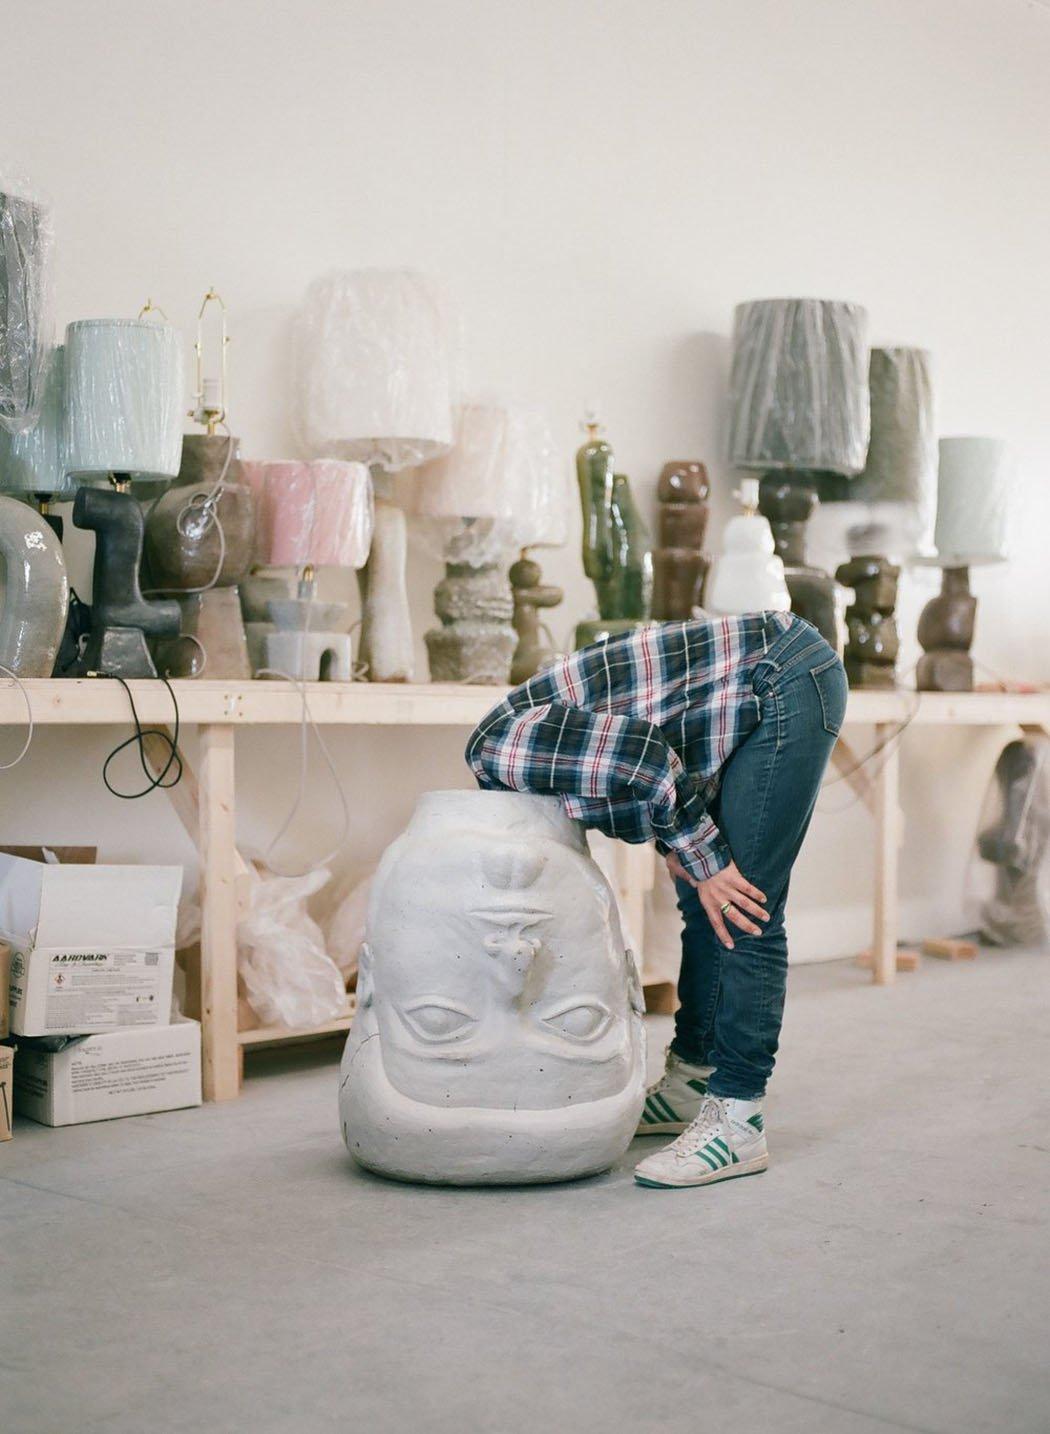 iGNANT_Design_Carmen_Dapollonio_Ceramics_1